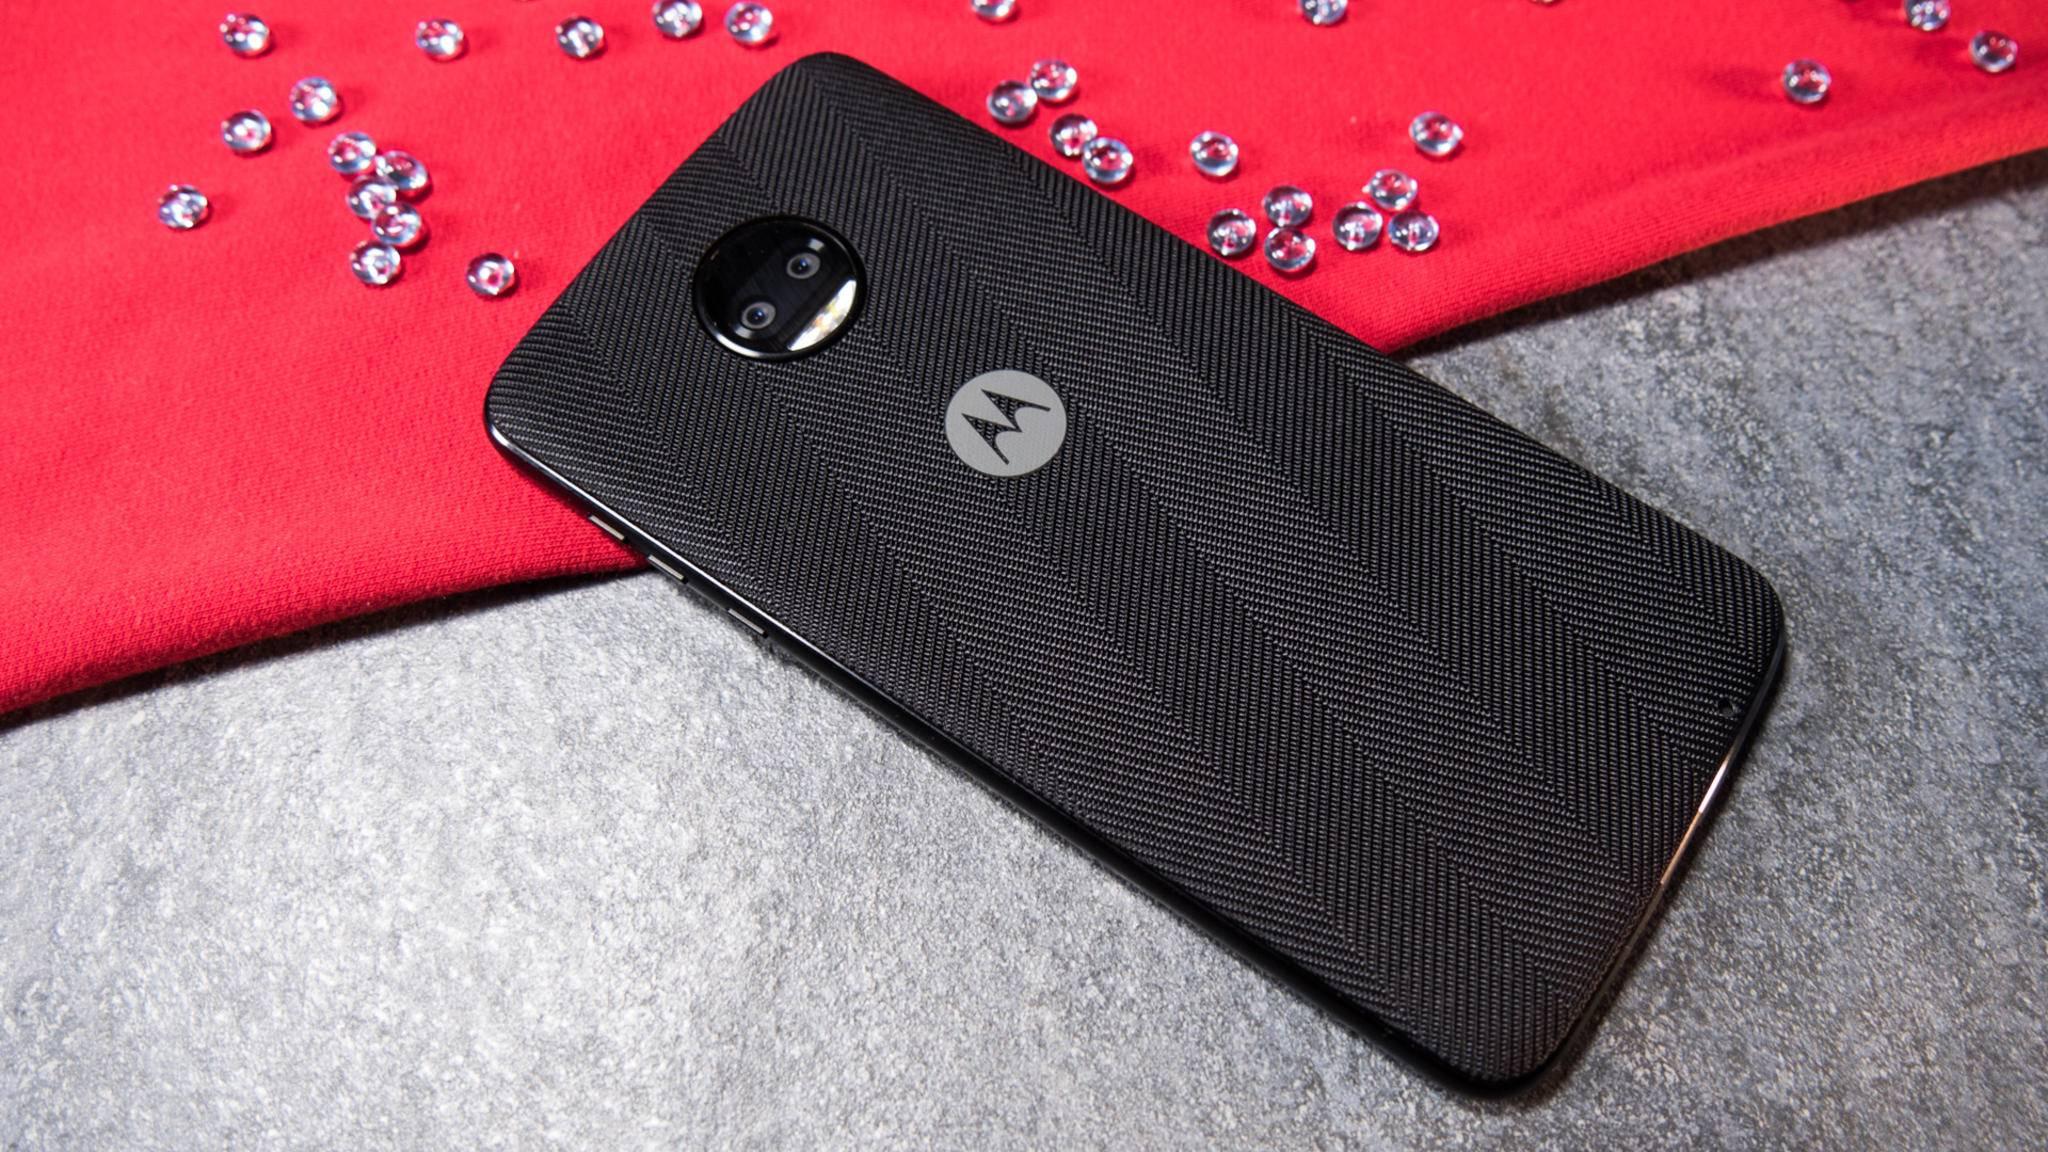 Auch die Rückseite wirkt mit aufgesetzter Style Shell unspektakulär.